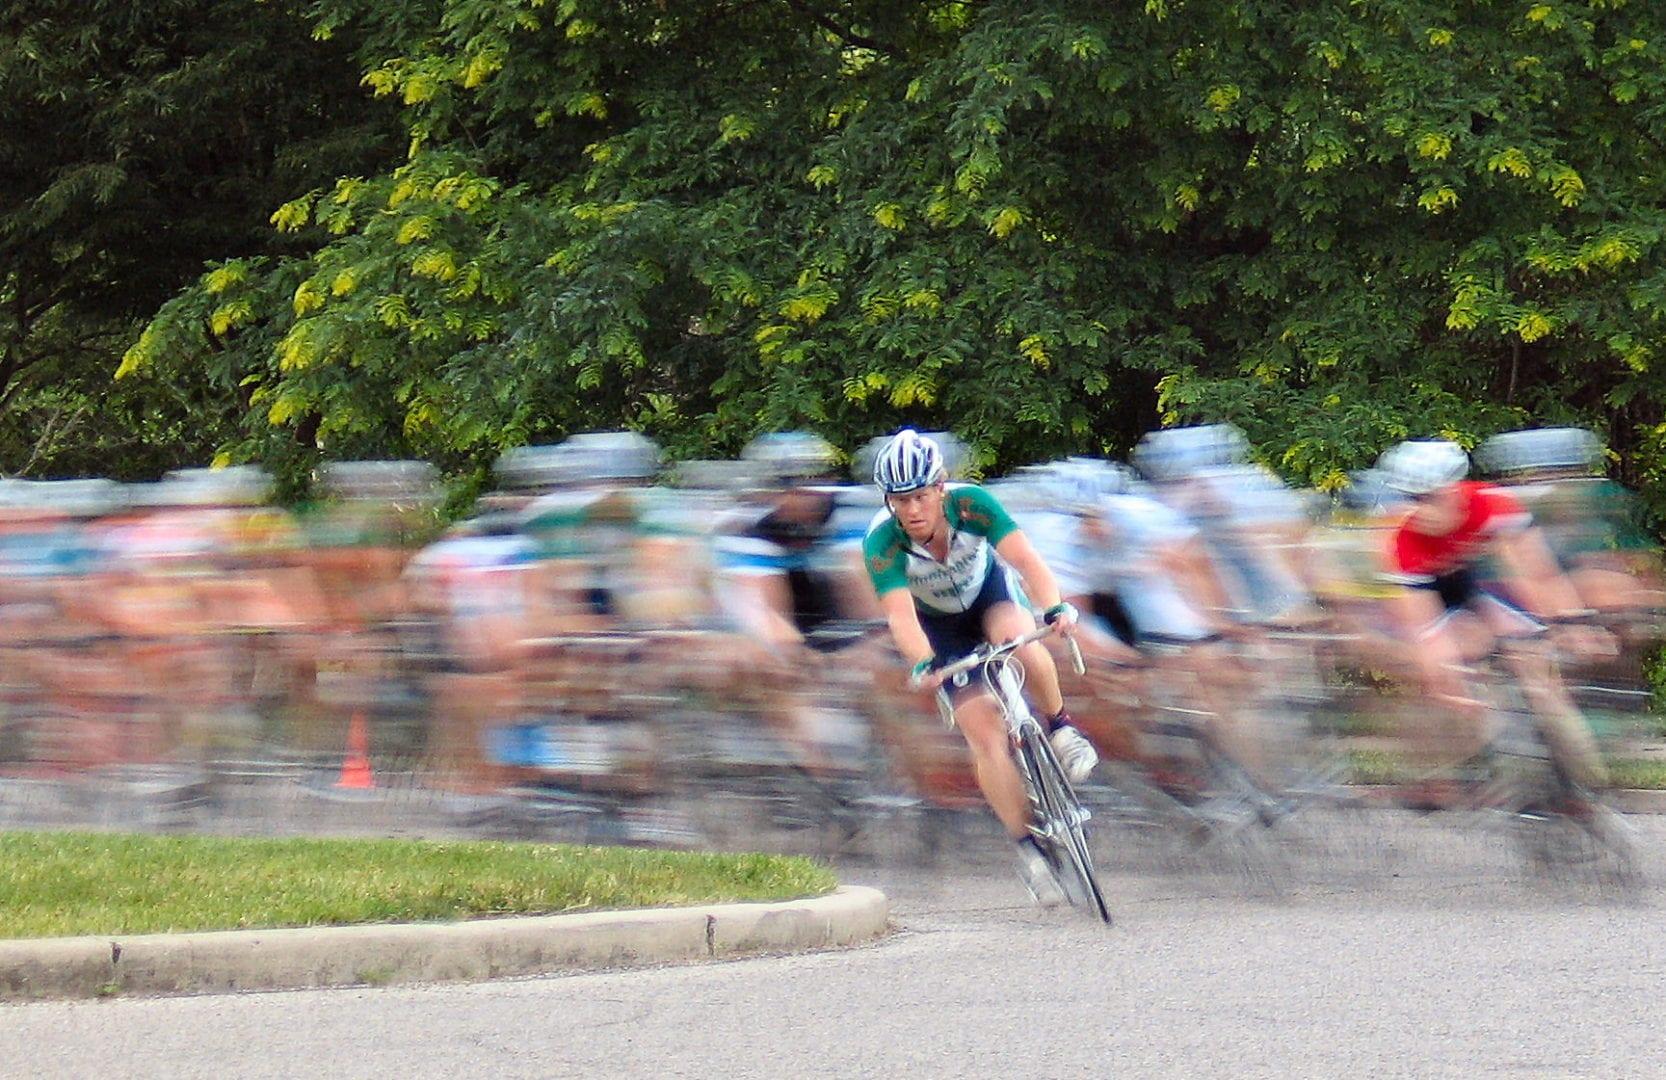 A focus on a single cyclist